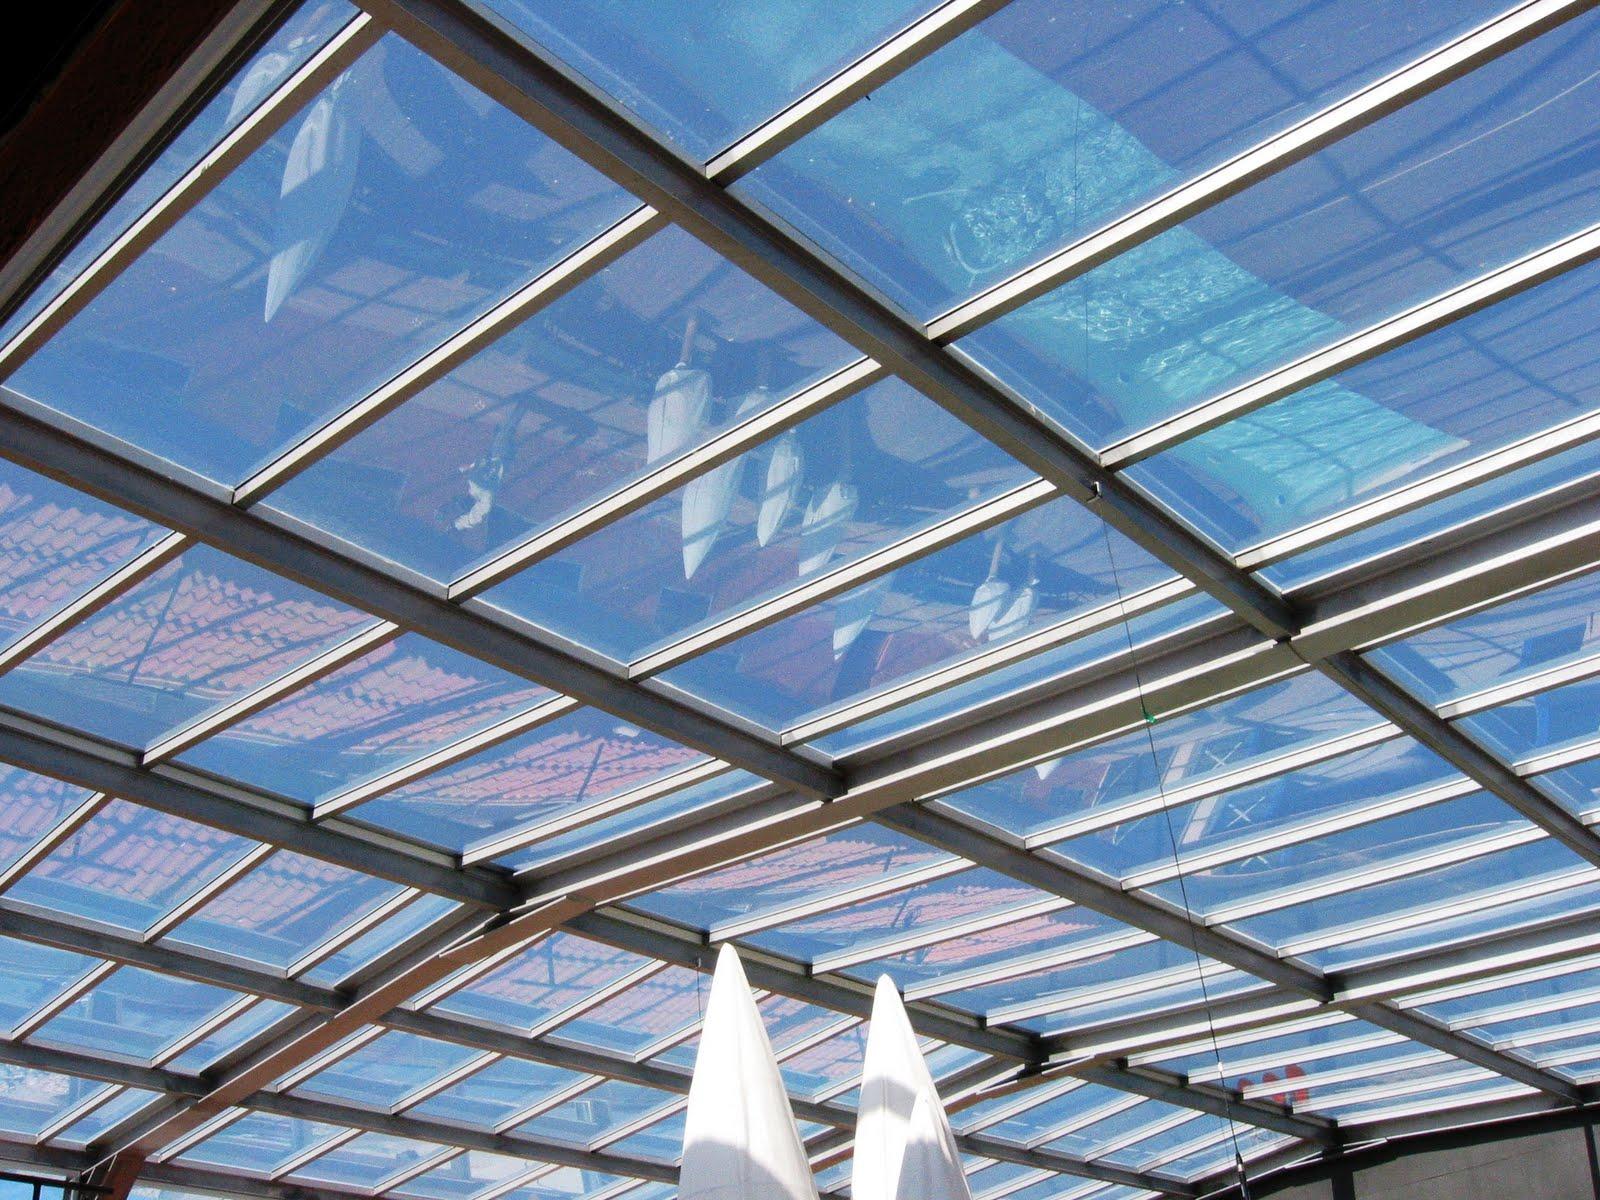 Detalle de una estructura de hierro tratado para techo de cristal en guadalix de la sierra - Estructura de metal ...